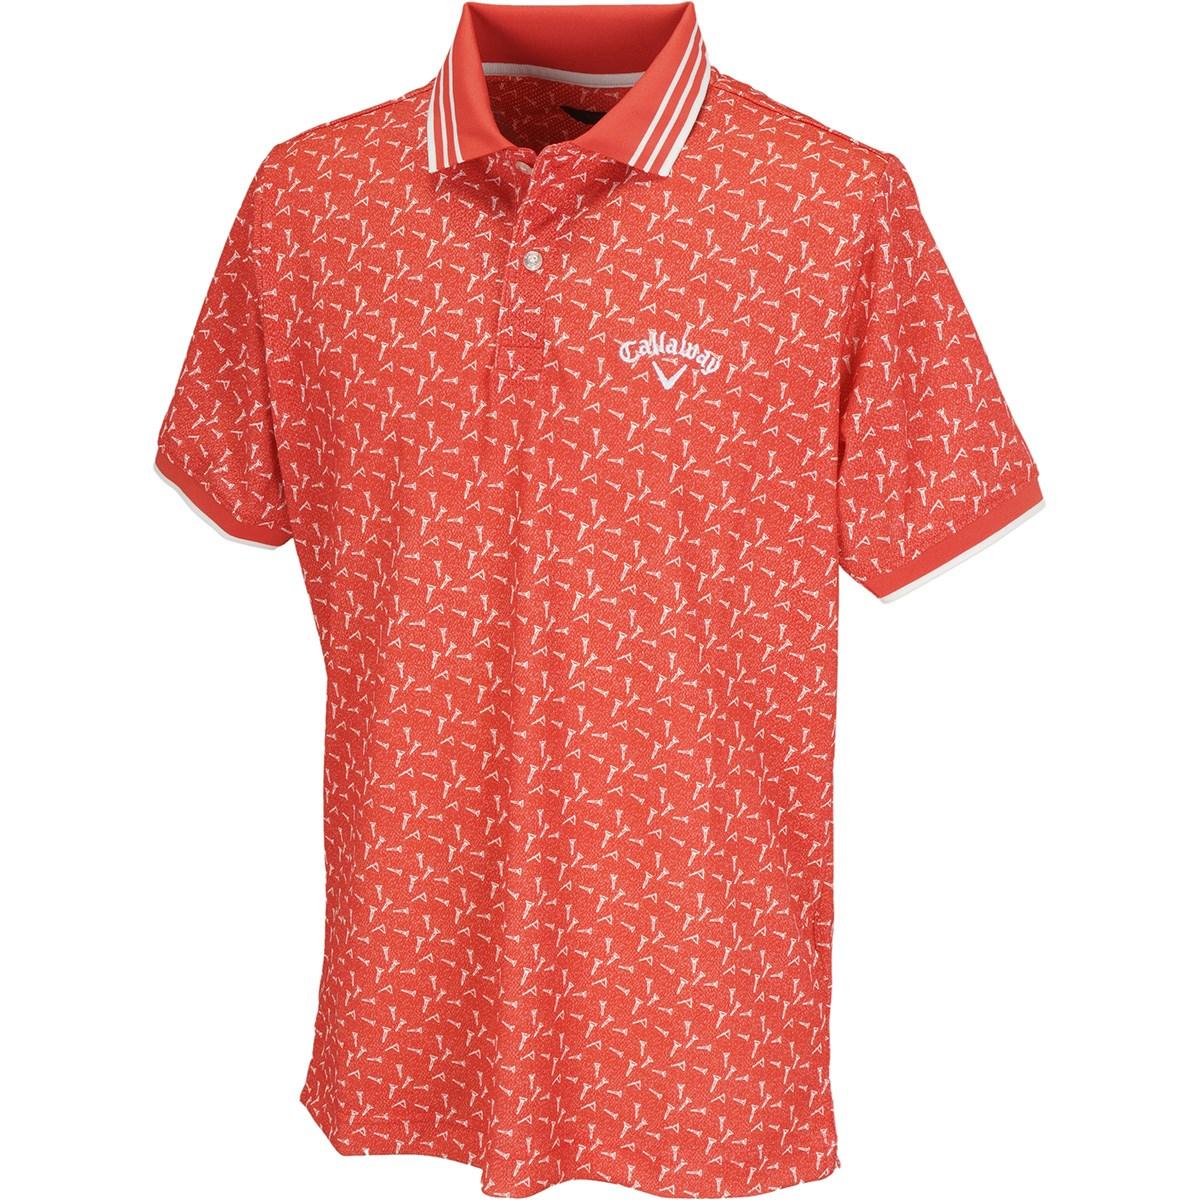 キャロウェイゴルフ(Callaway Golf) +200ccWIND 半袖ポロシャツ